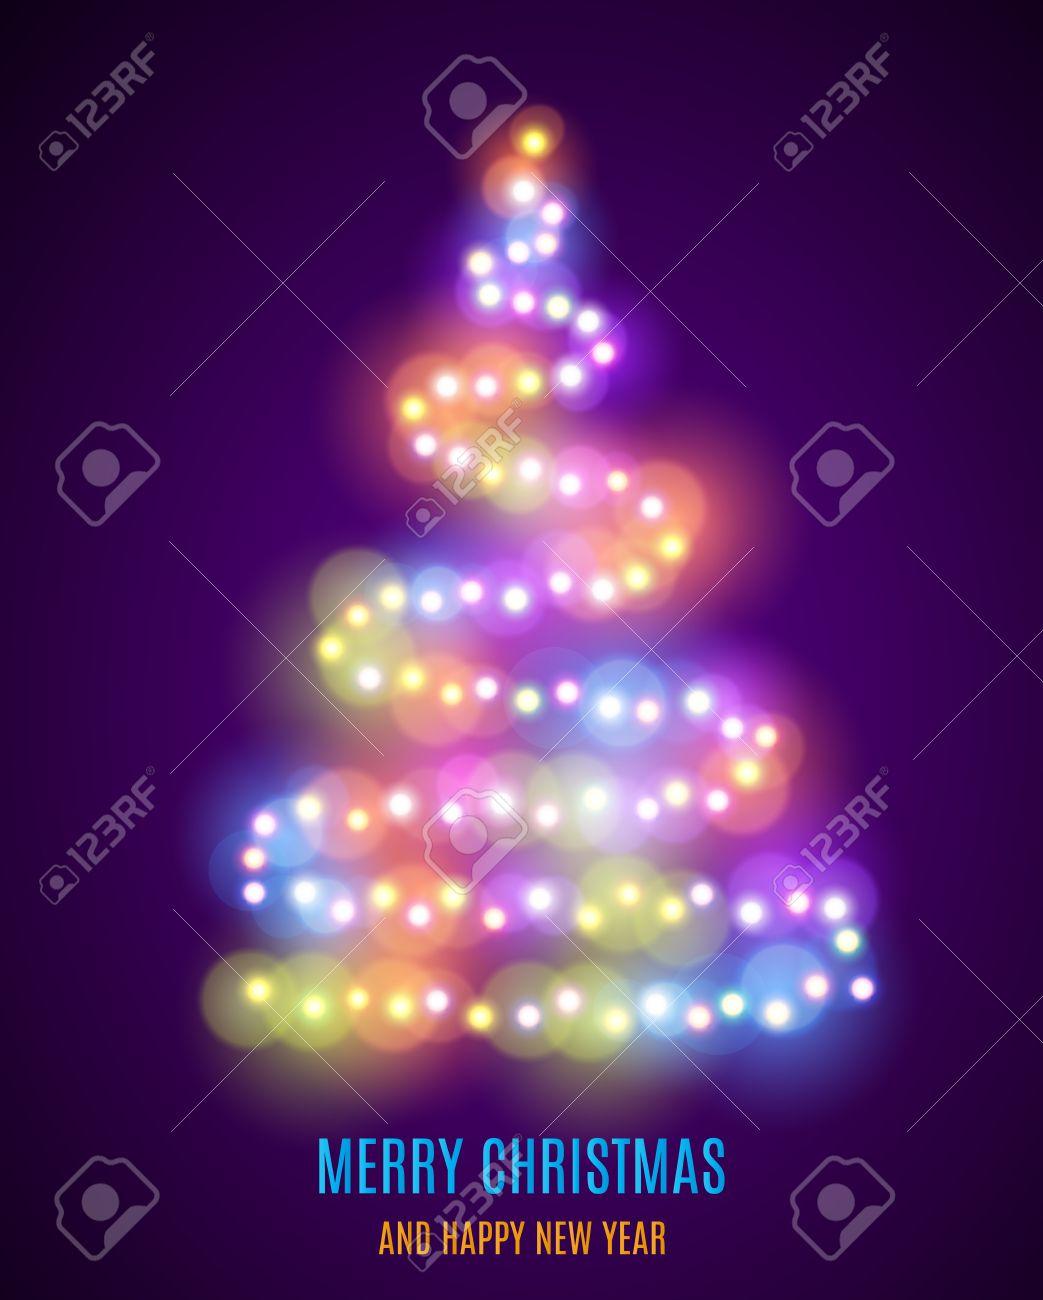 c249ad790c3 Rbol de navidad brillante. Árbol de Navidad de la guirnalda. Luces que  brillan intensamente colorido - Luz de Navidad de fondo. Luces de Navidad de  fondo. ...